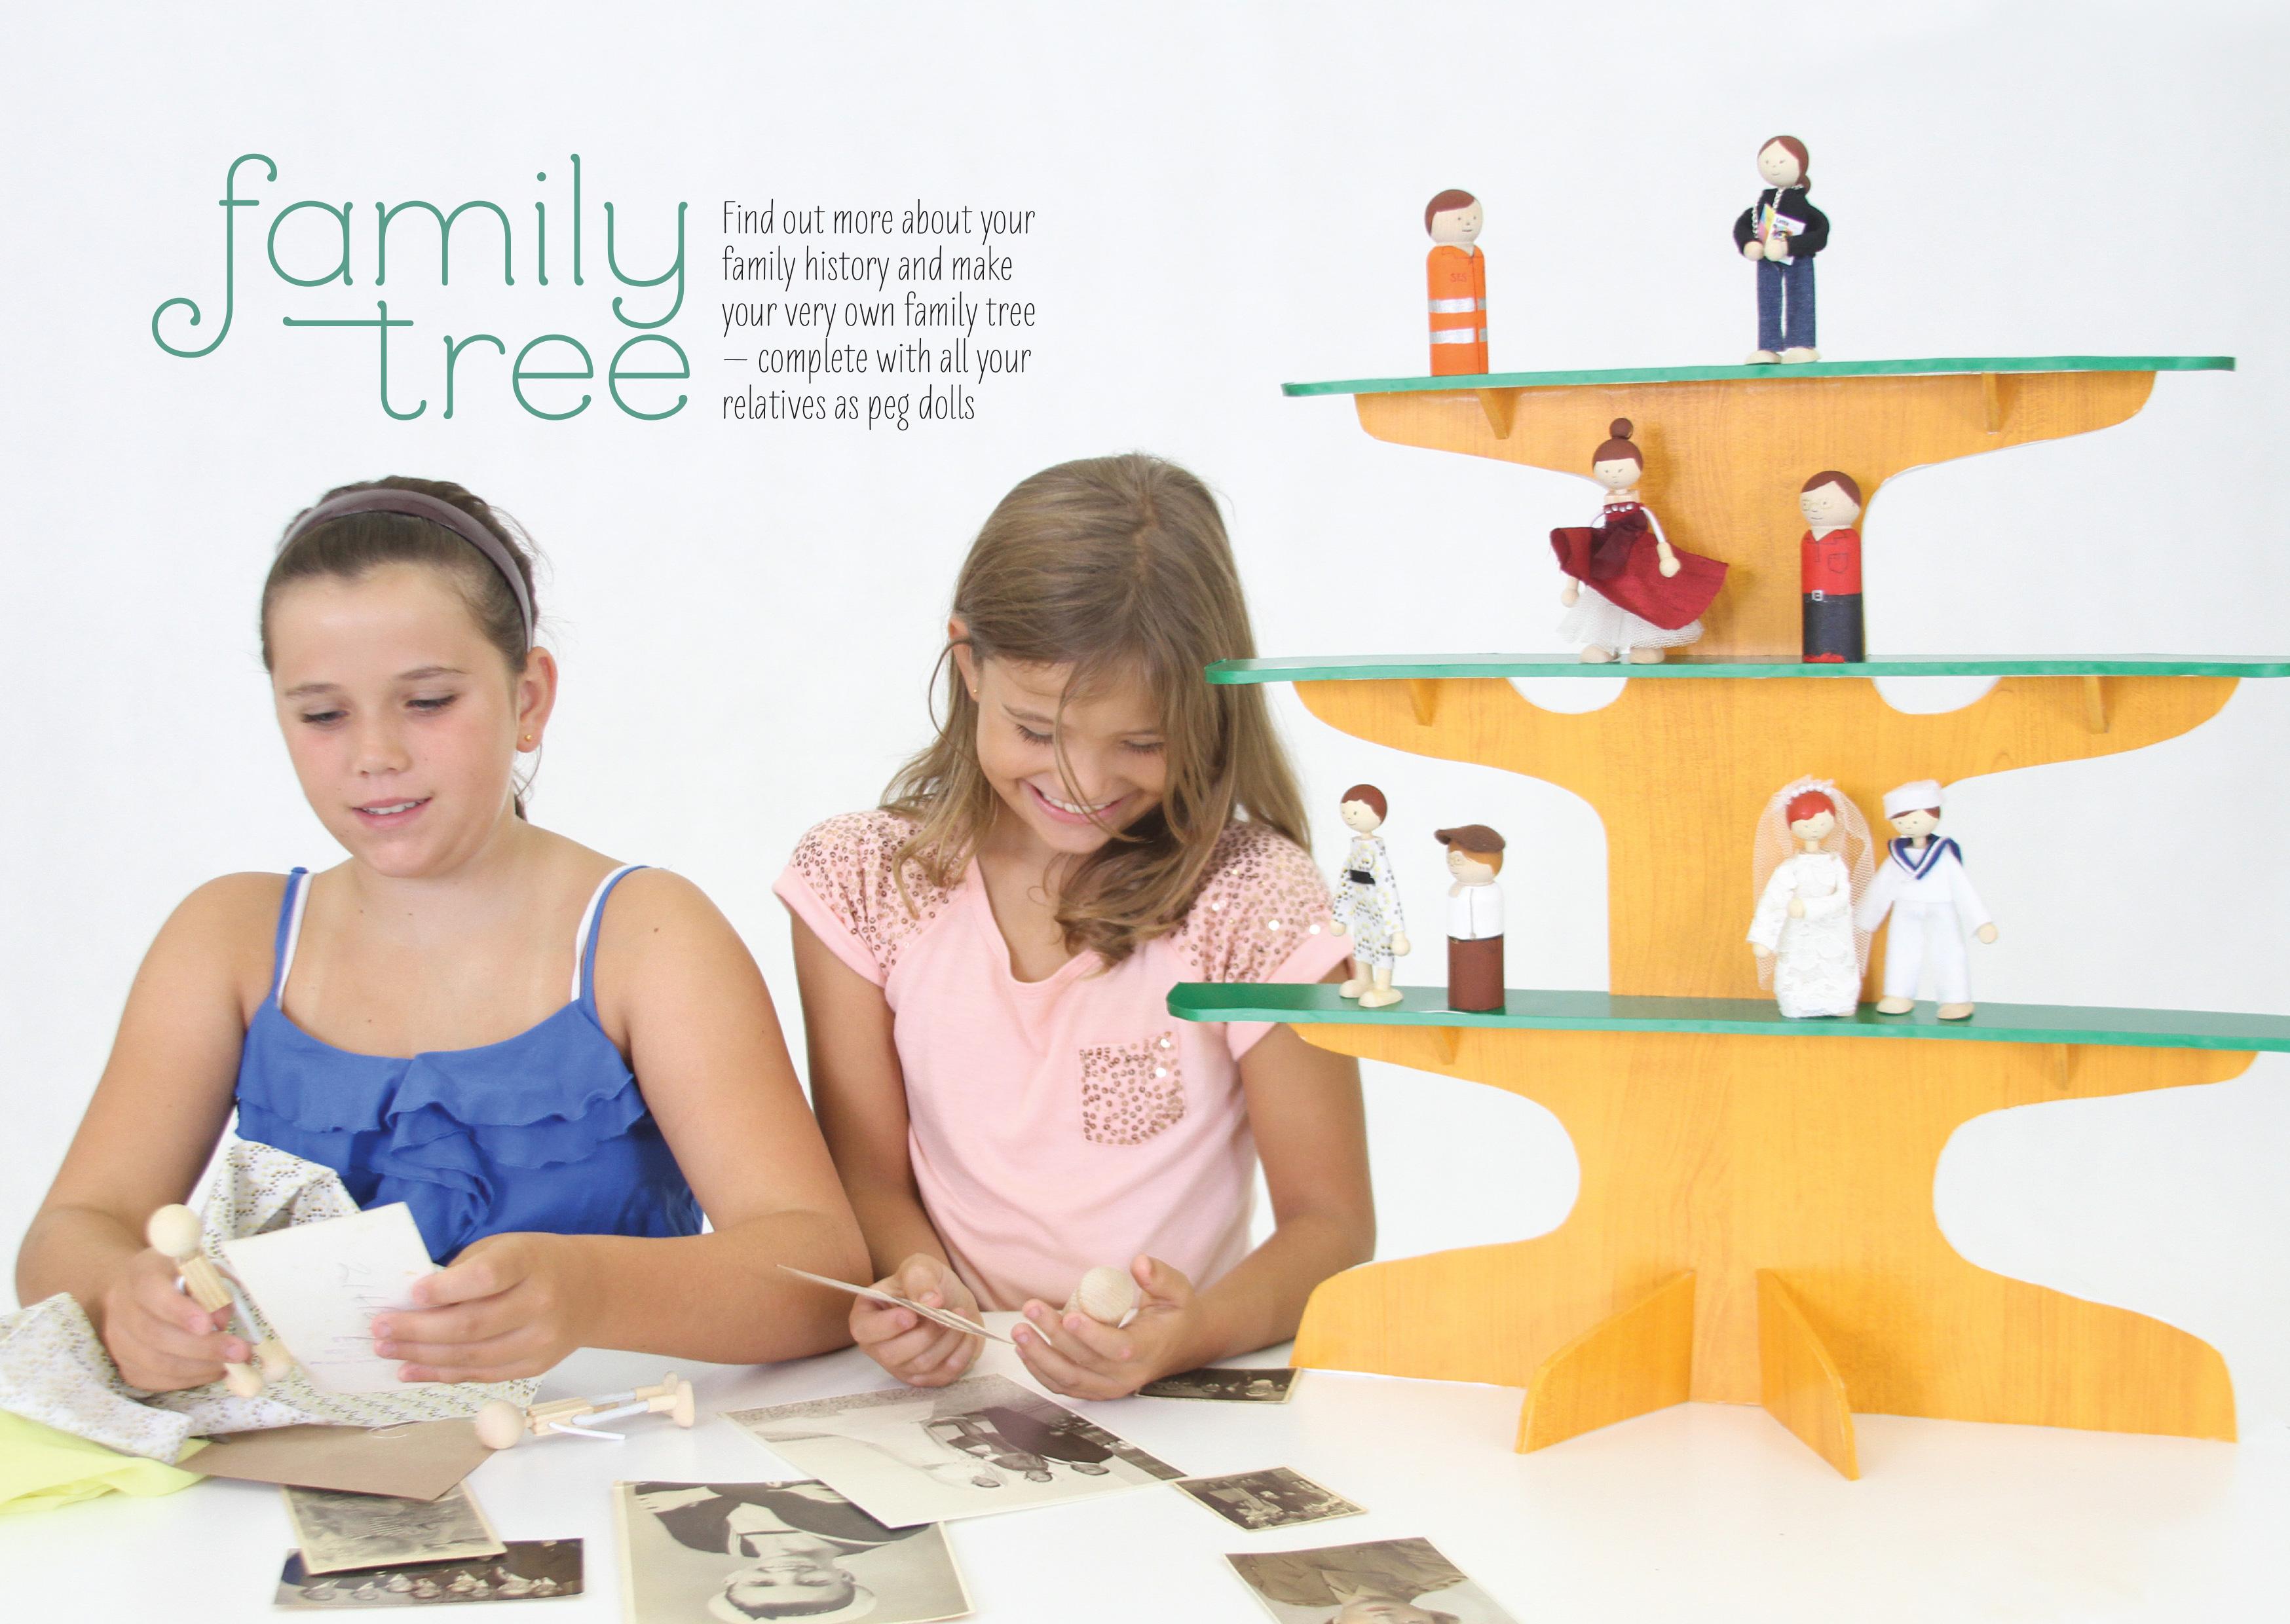 Lotta-family-tree-1